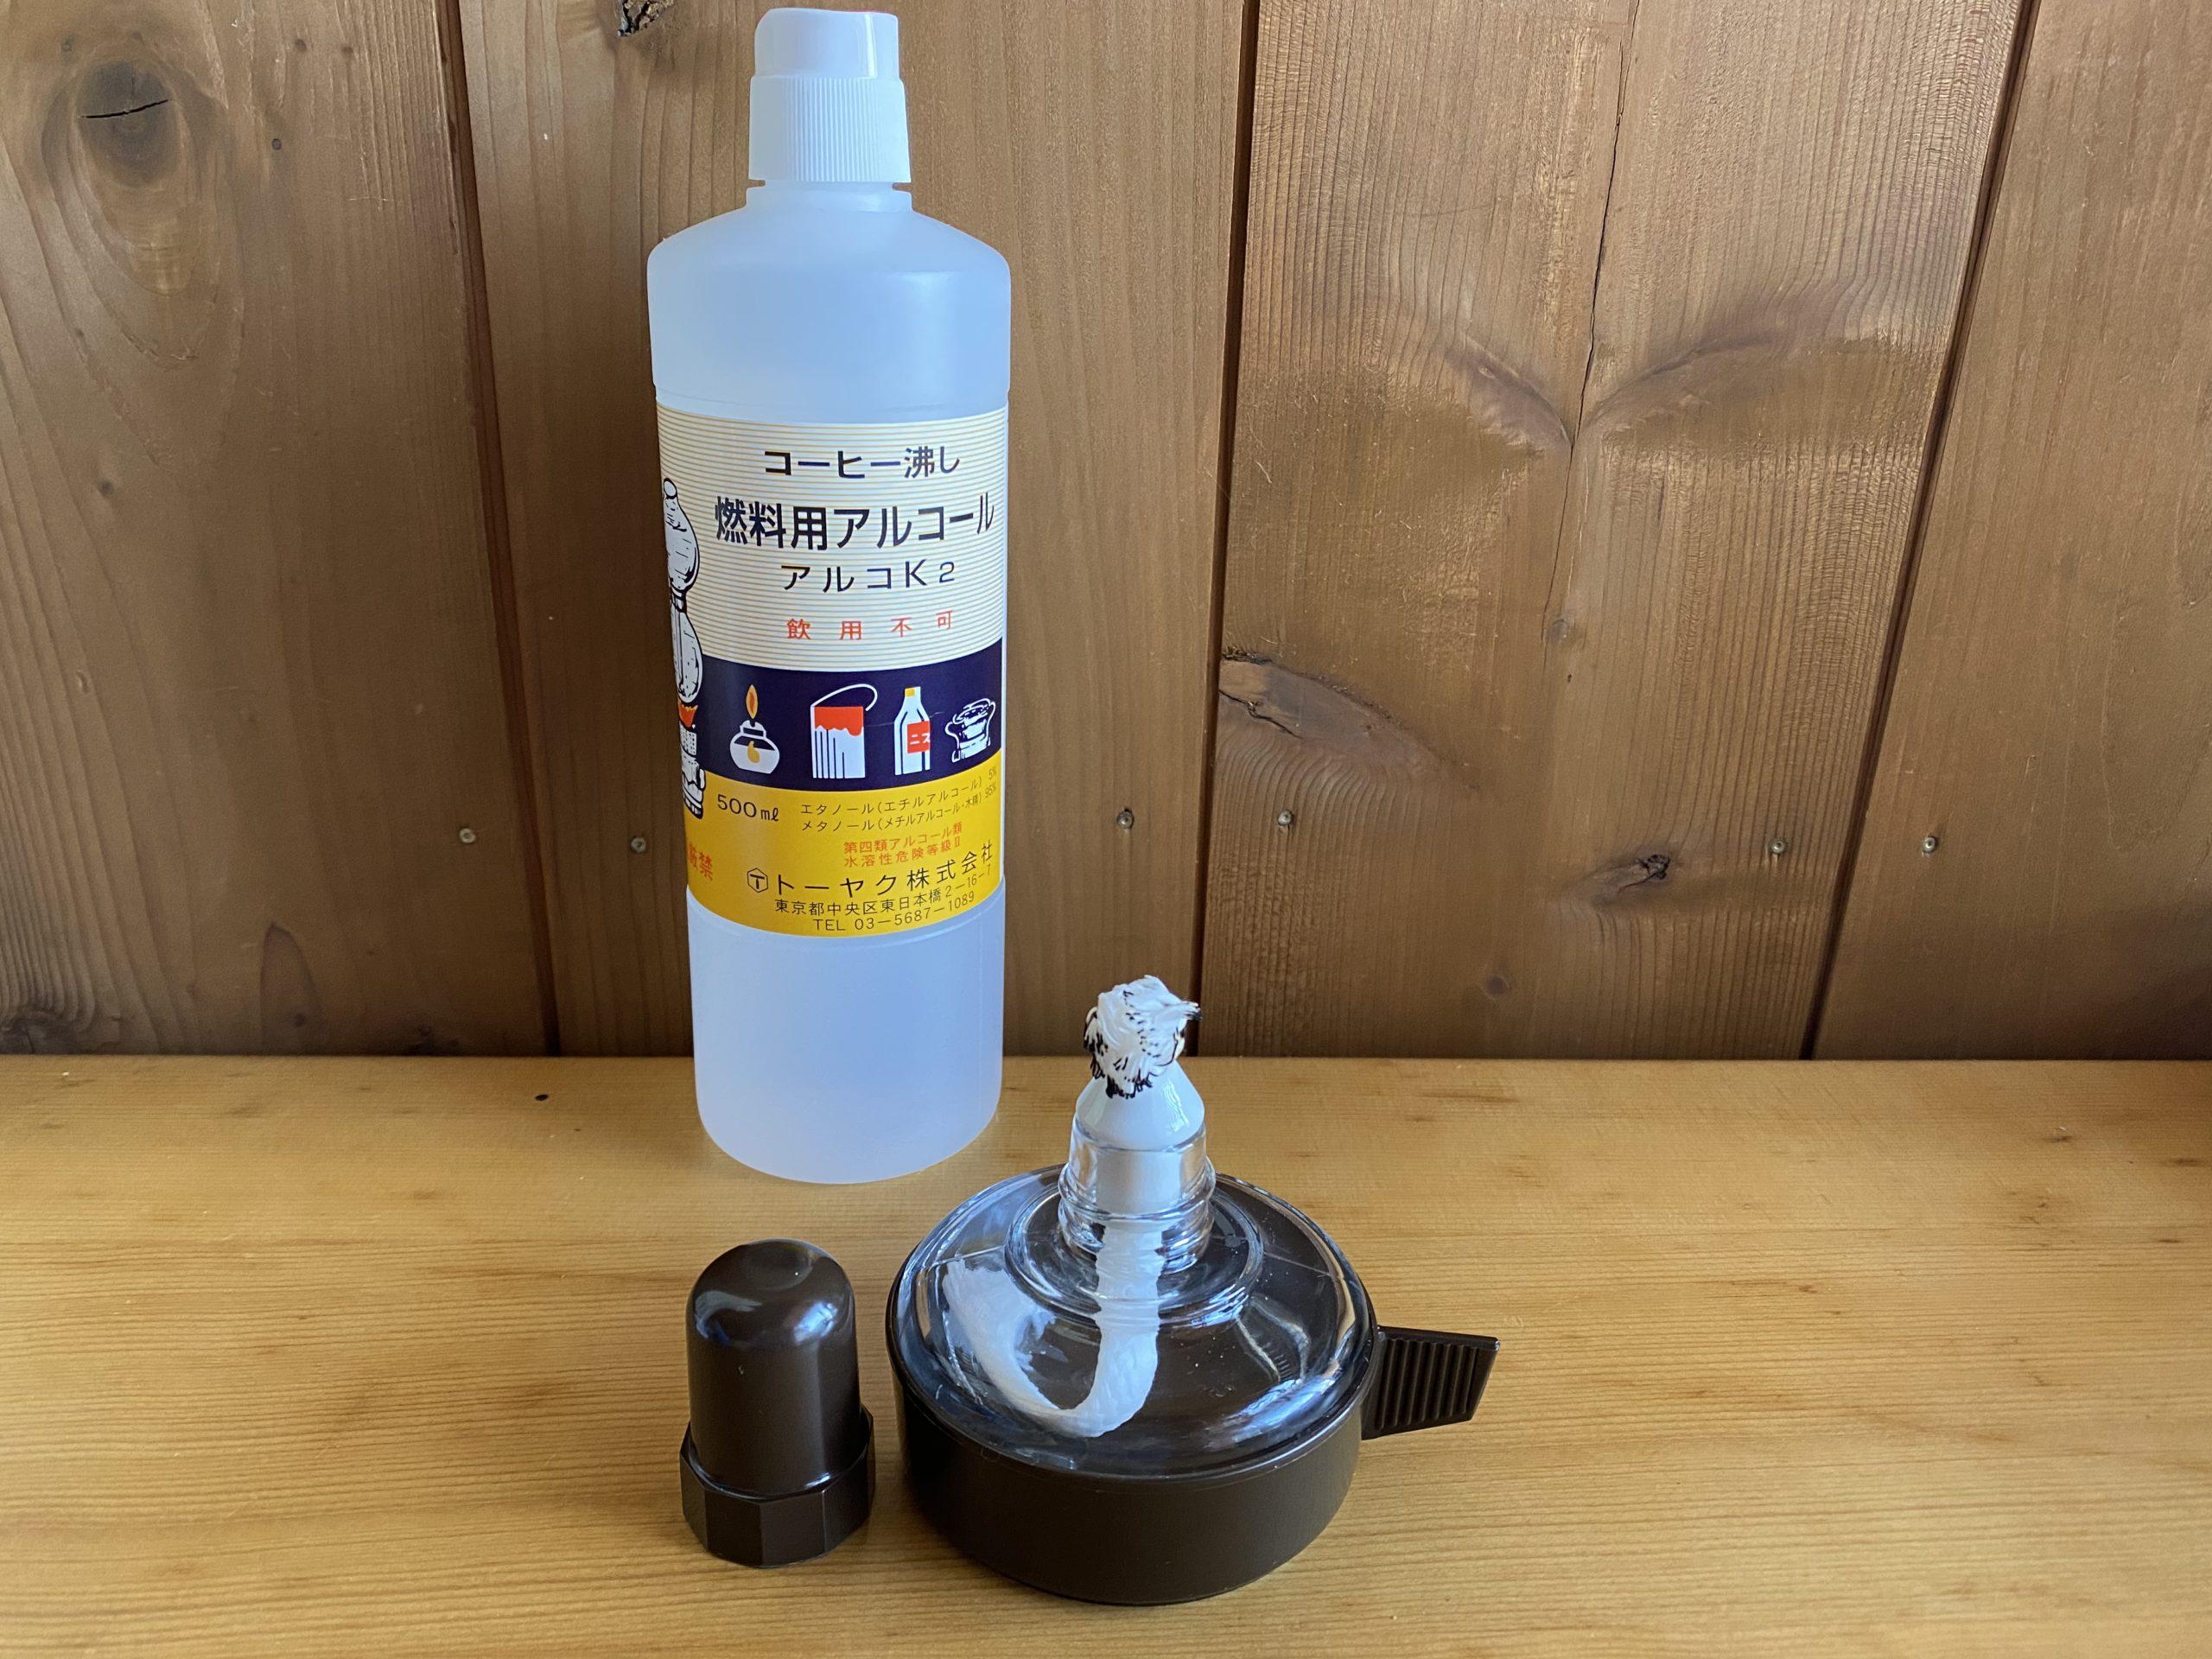 ロッドクラフト用アルコールランプ